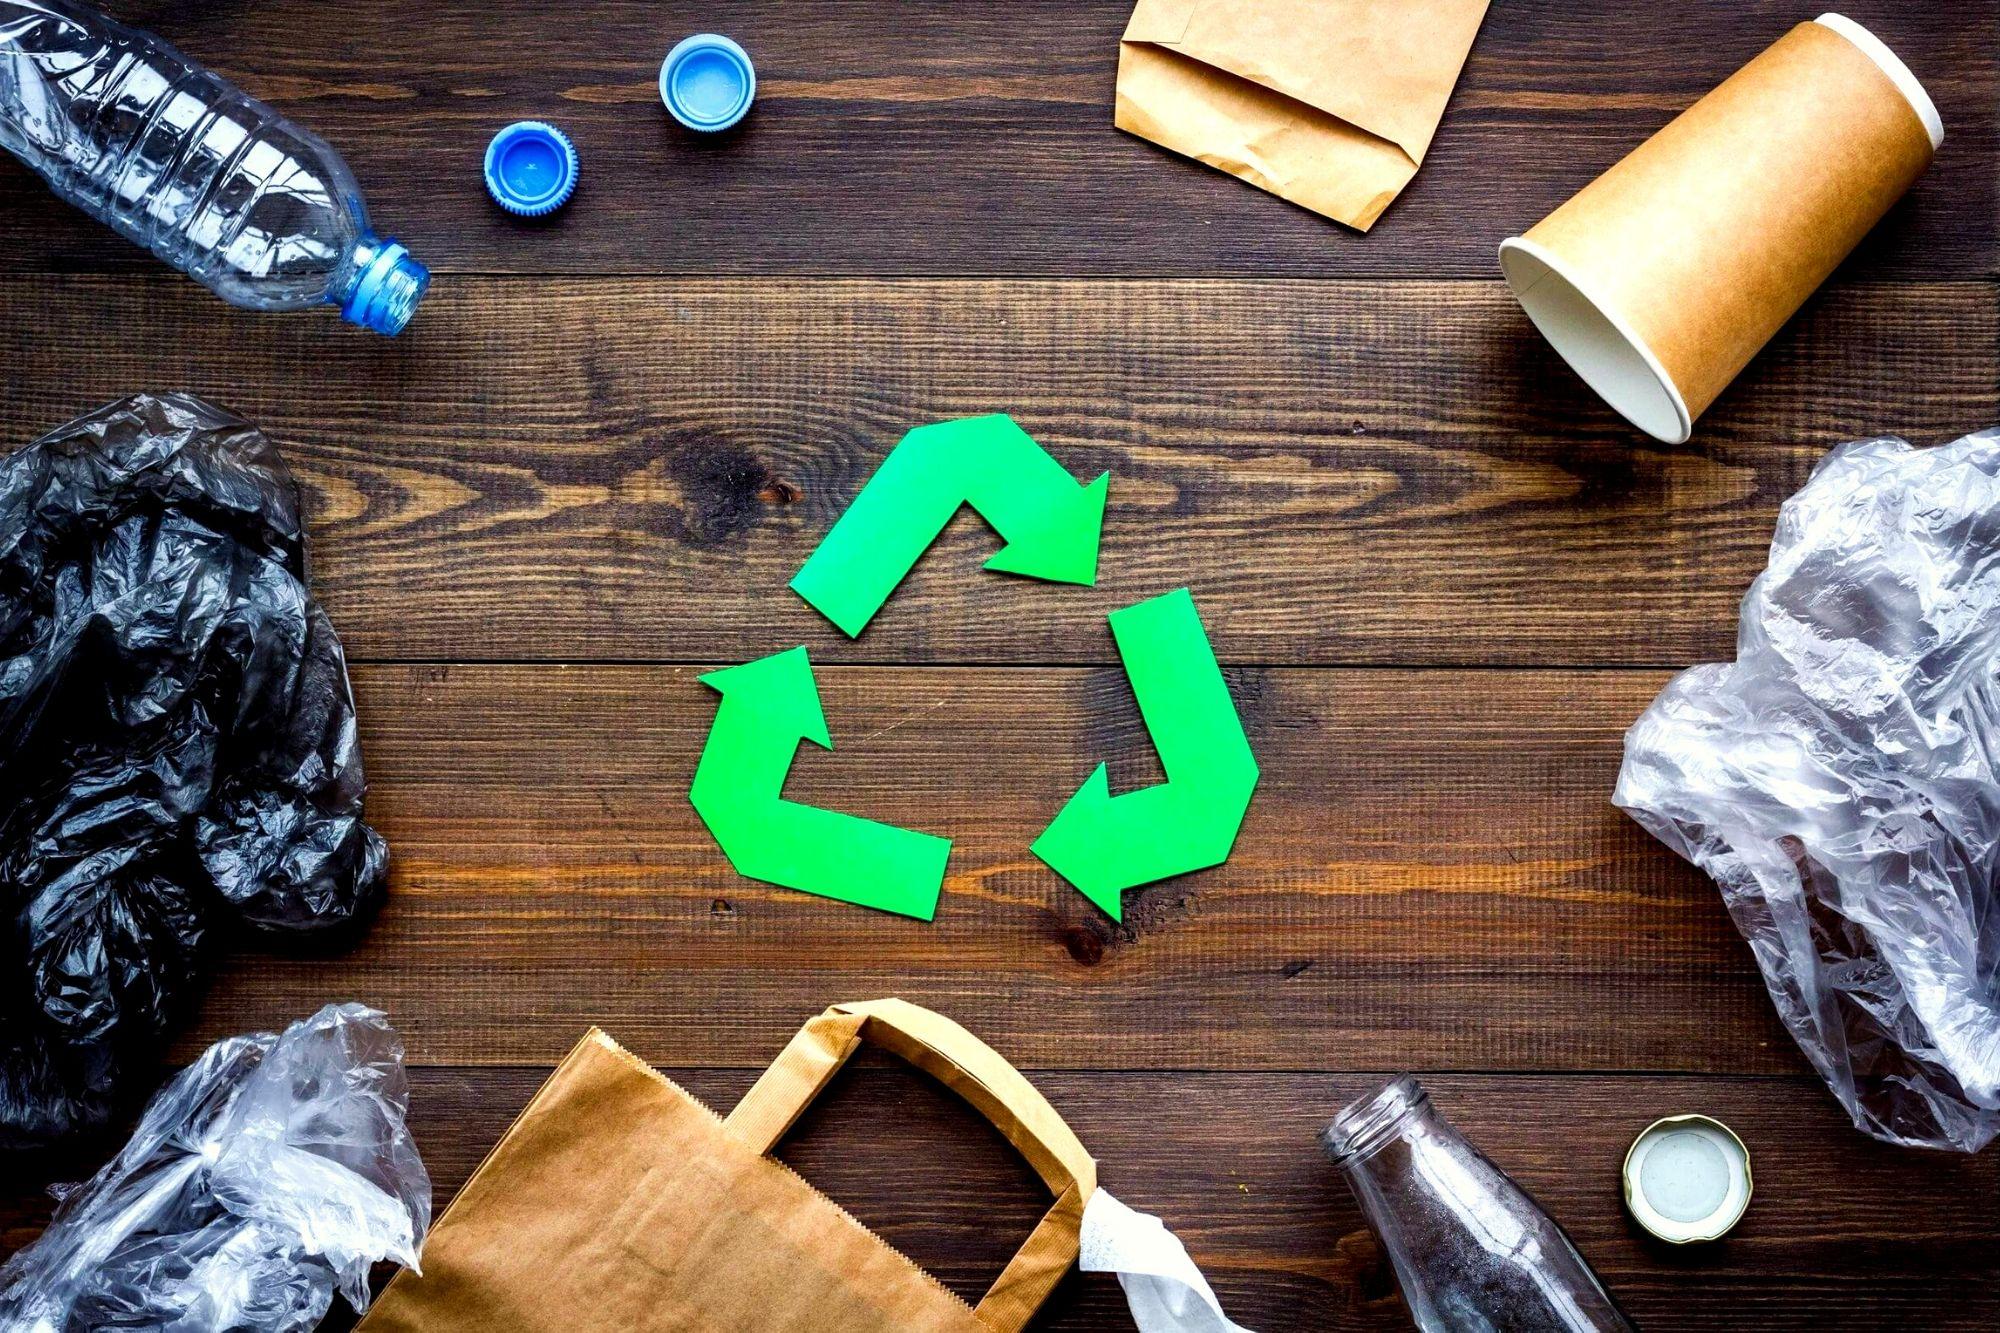 Переработка мусора. Европа